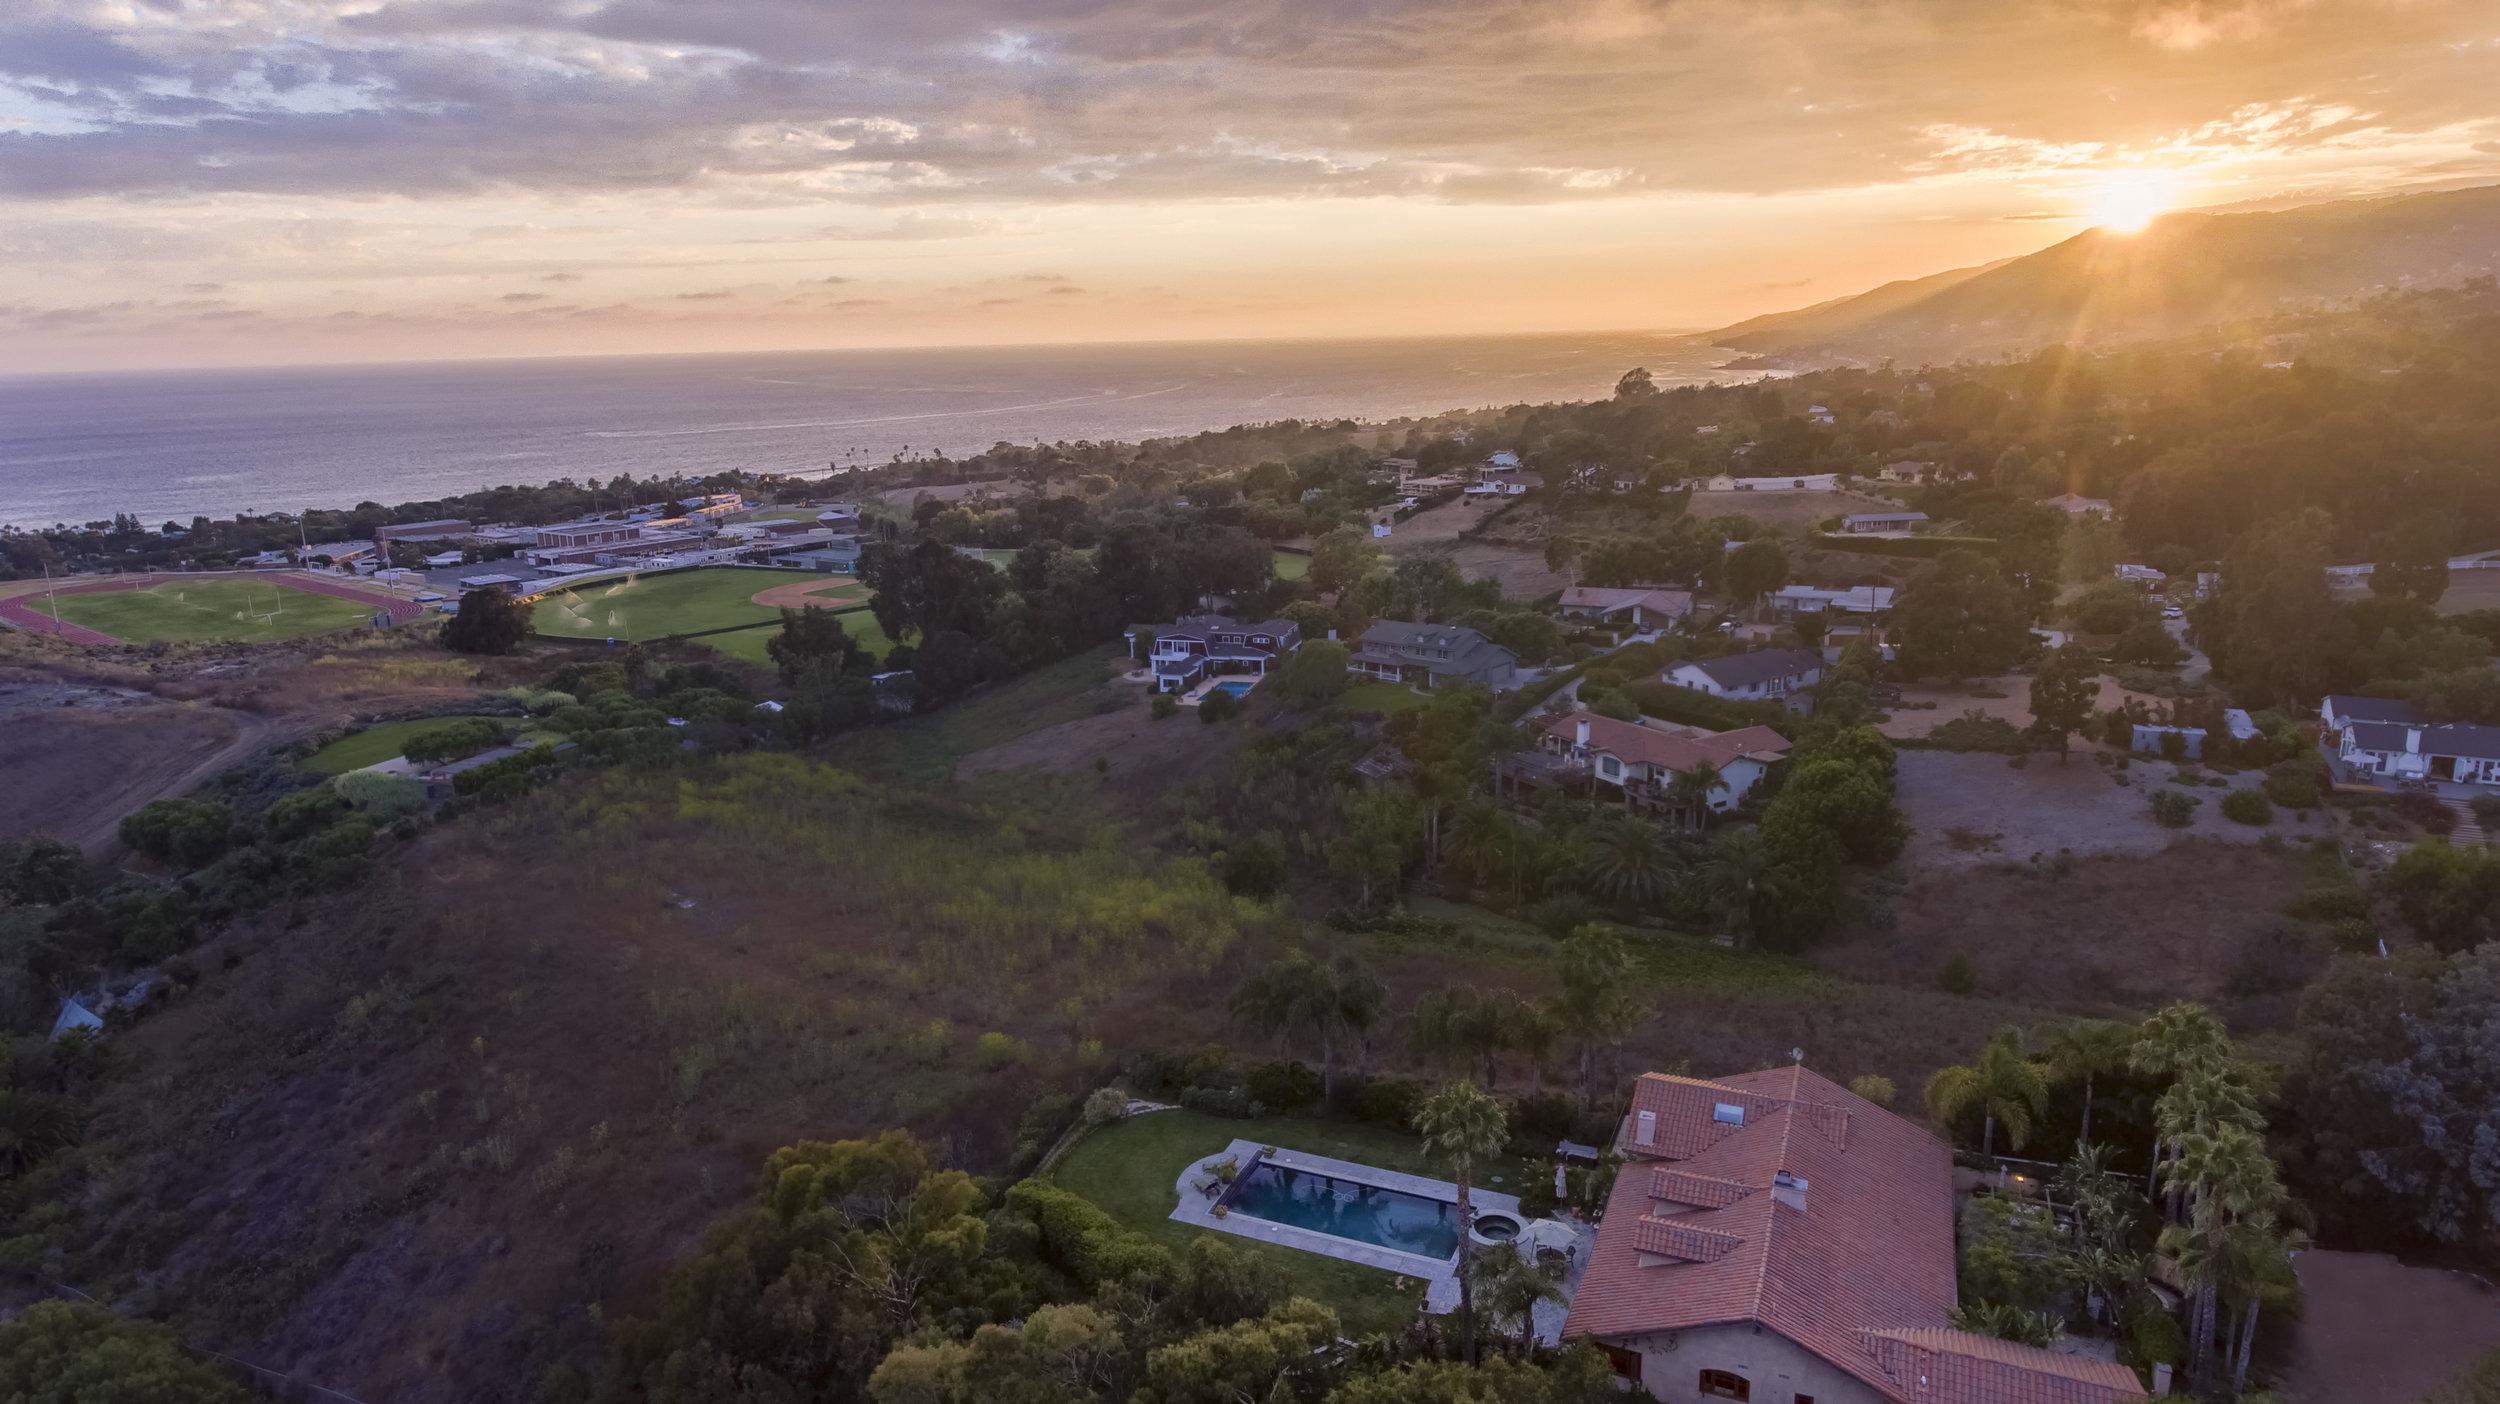 006 aerial sunset 29660 Harvester Road Malibu For Sale The Malibu Life Team Luxury Real Estate.jpg